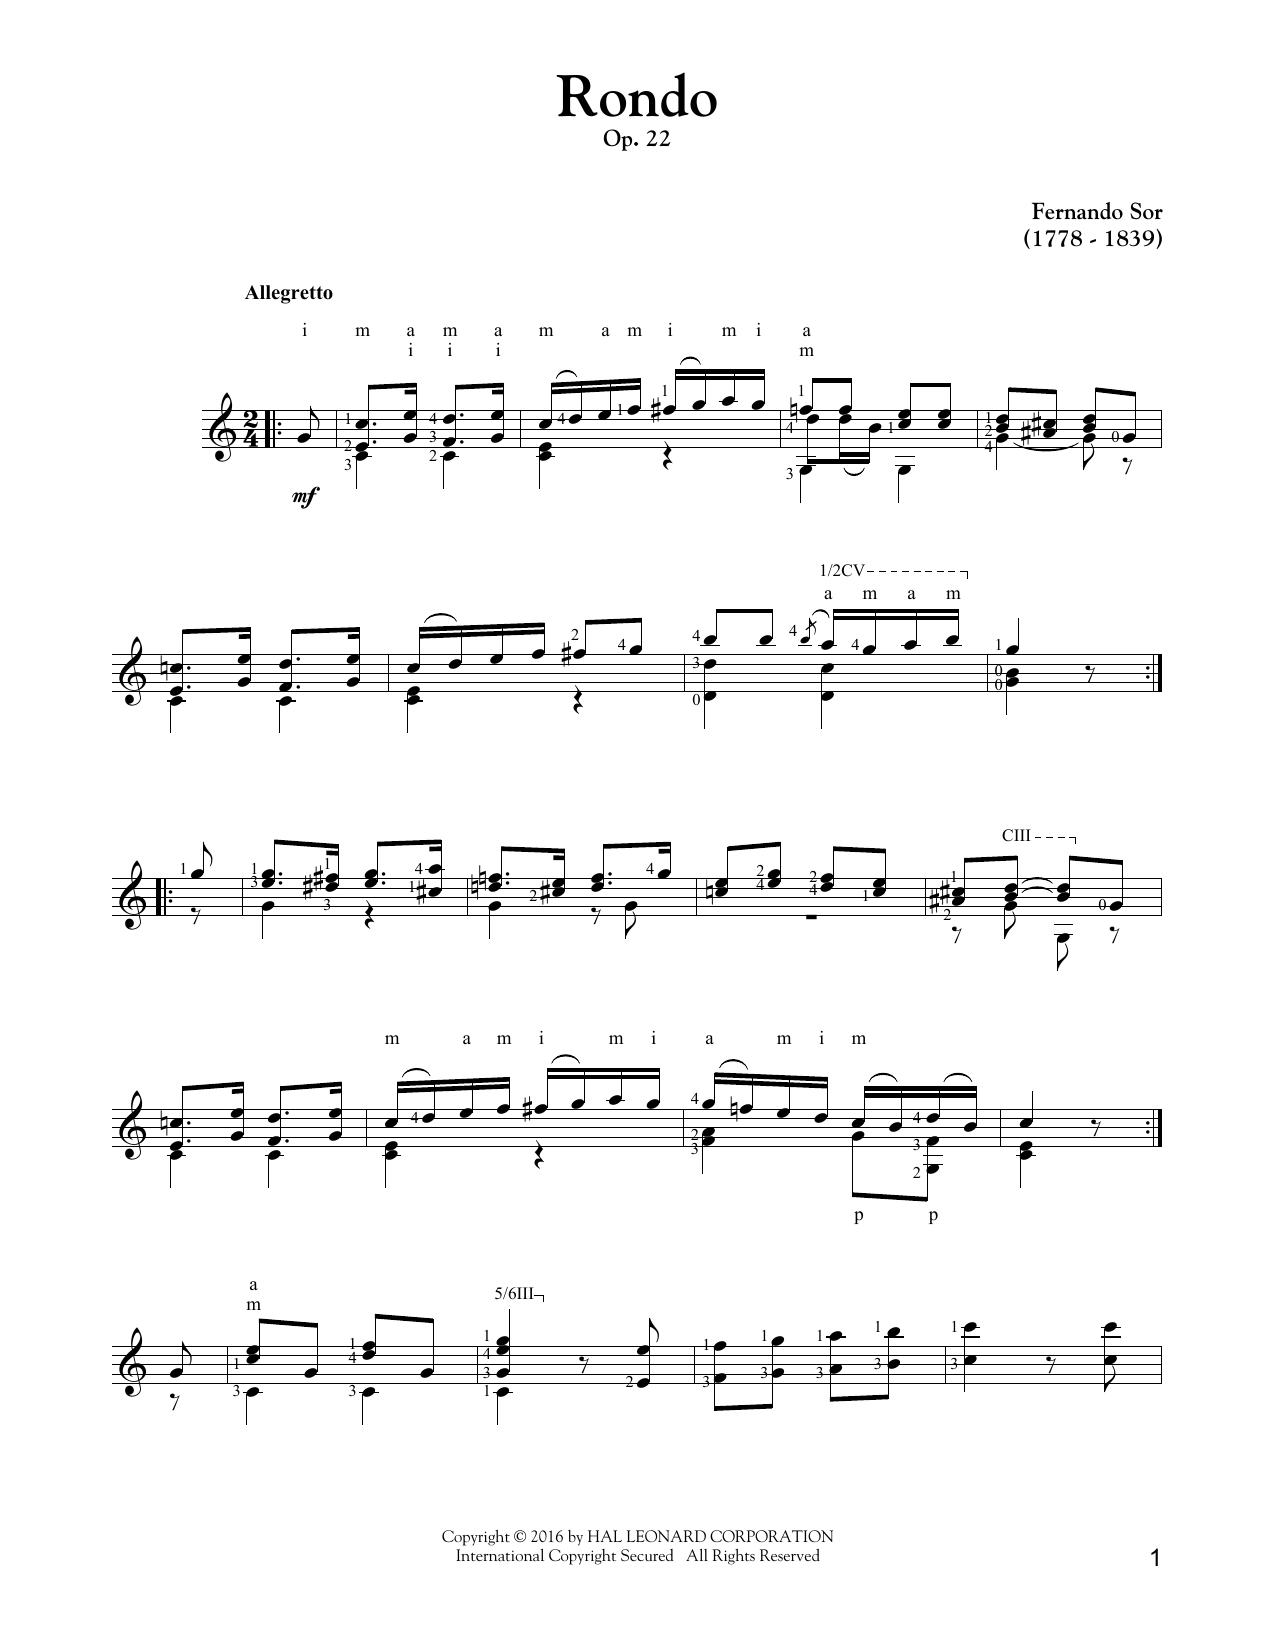 Rondo, Op. 22